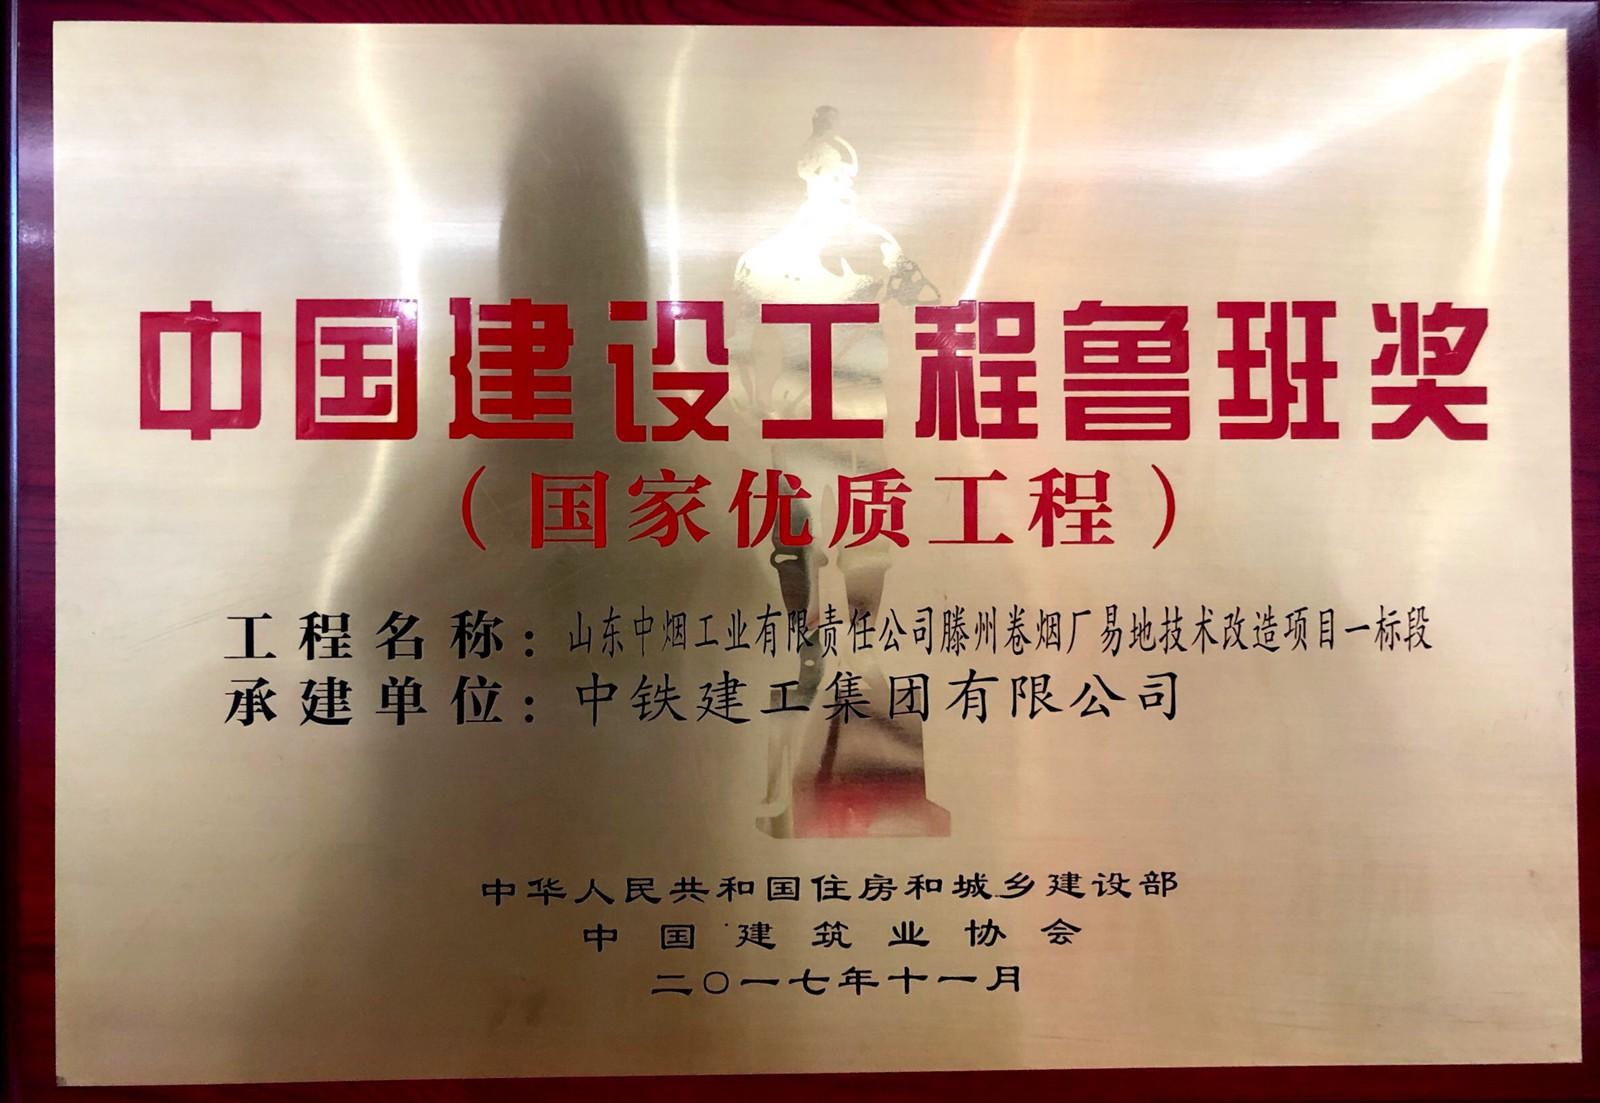 中国工程建设鲁班奖